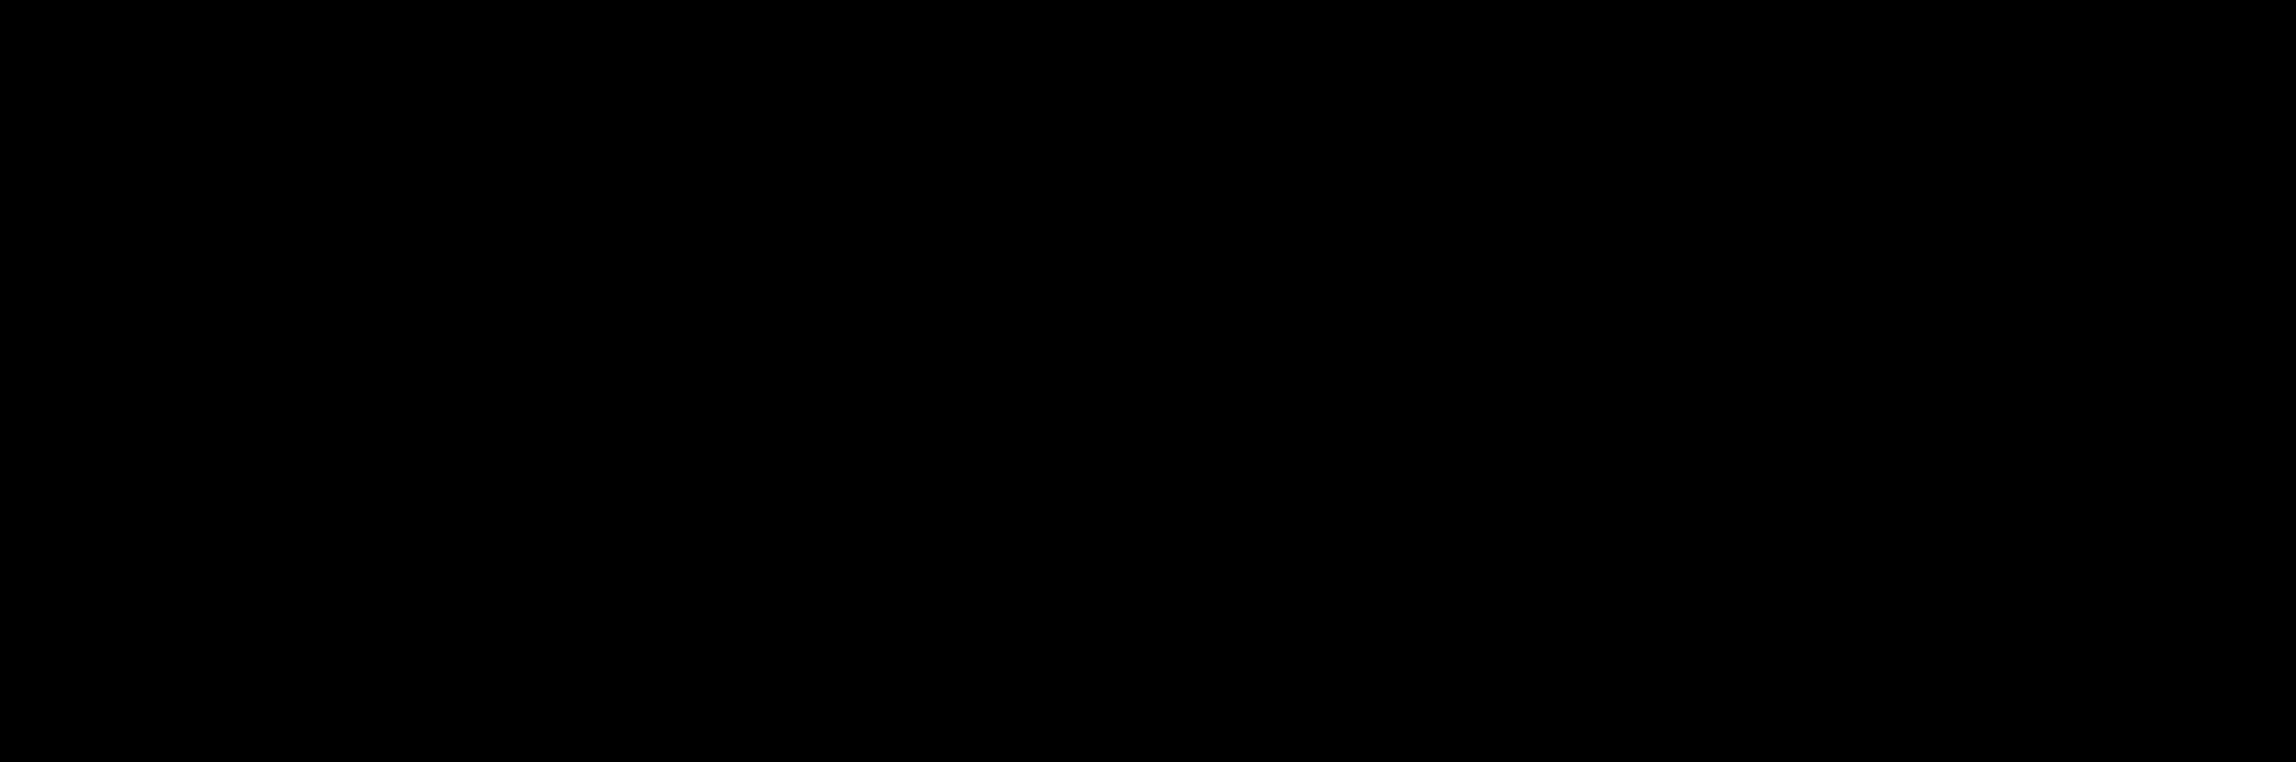 2296x762 Guitar Clipart Silhouette